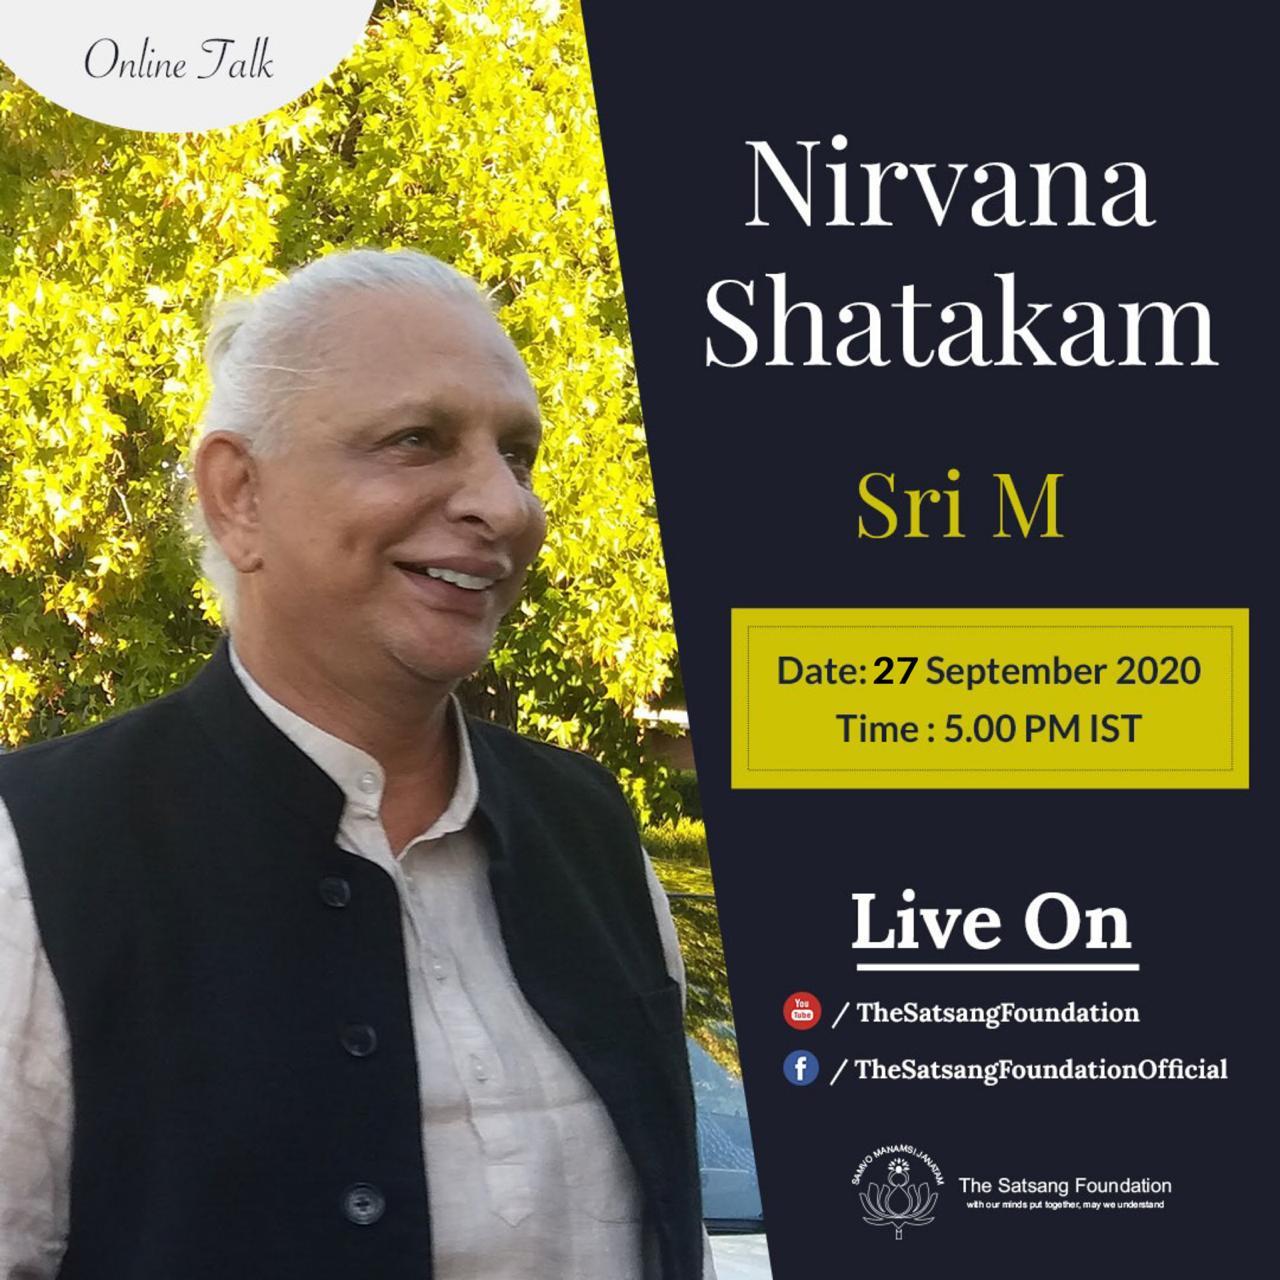 Sri M Online Talk 27 September 2020